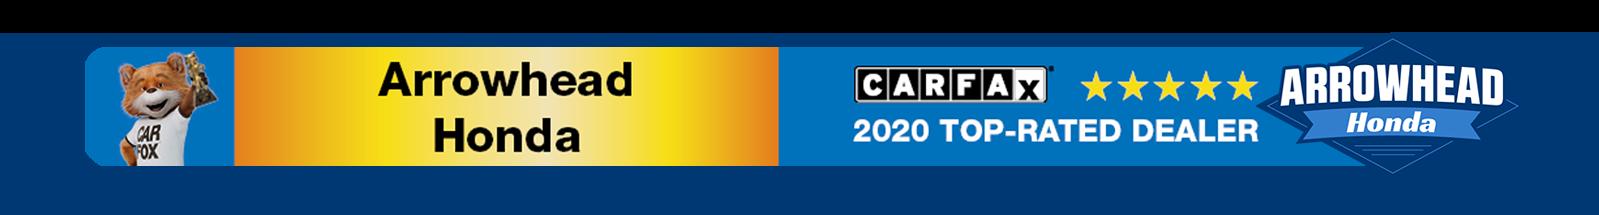 carfax-dealer